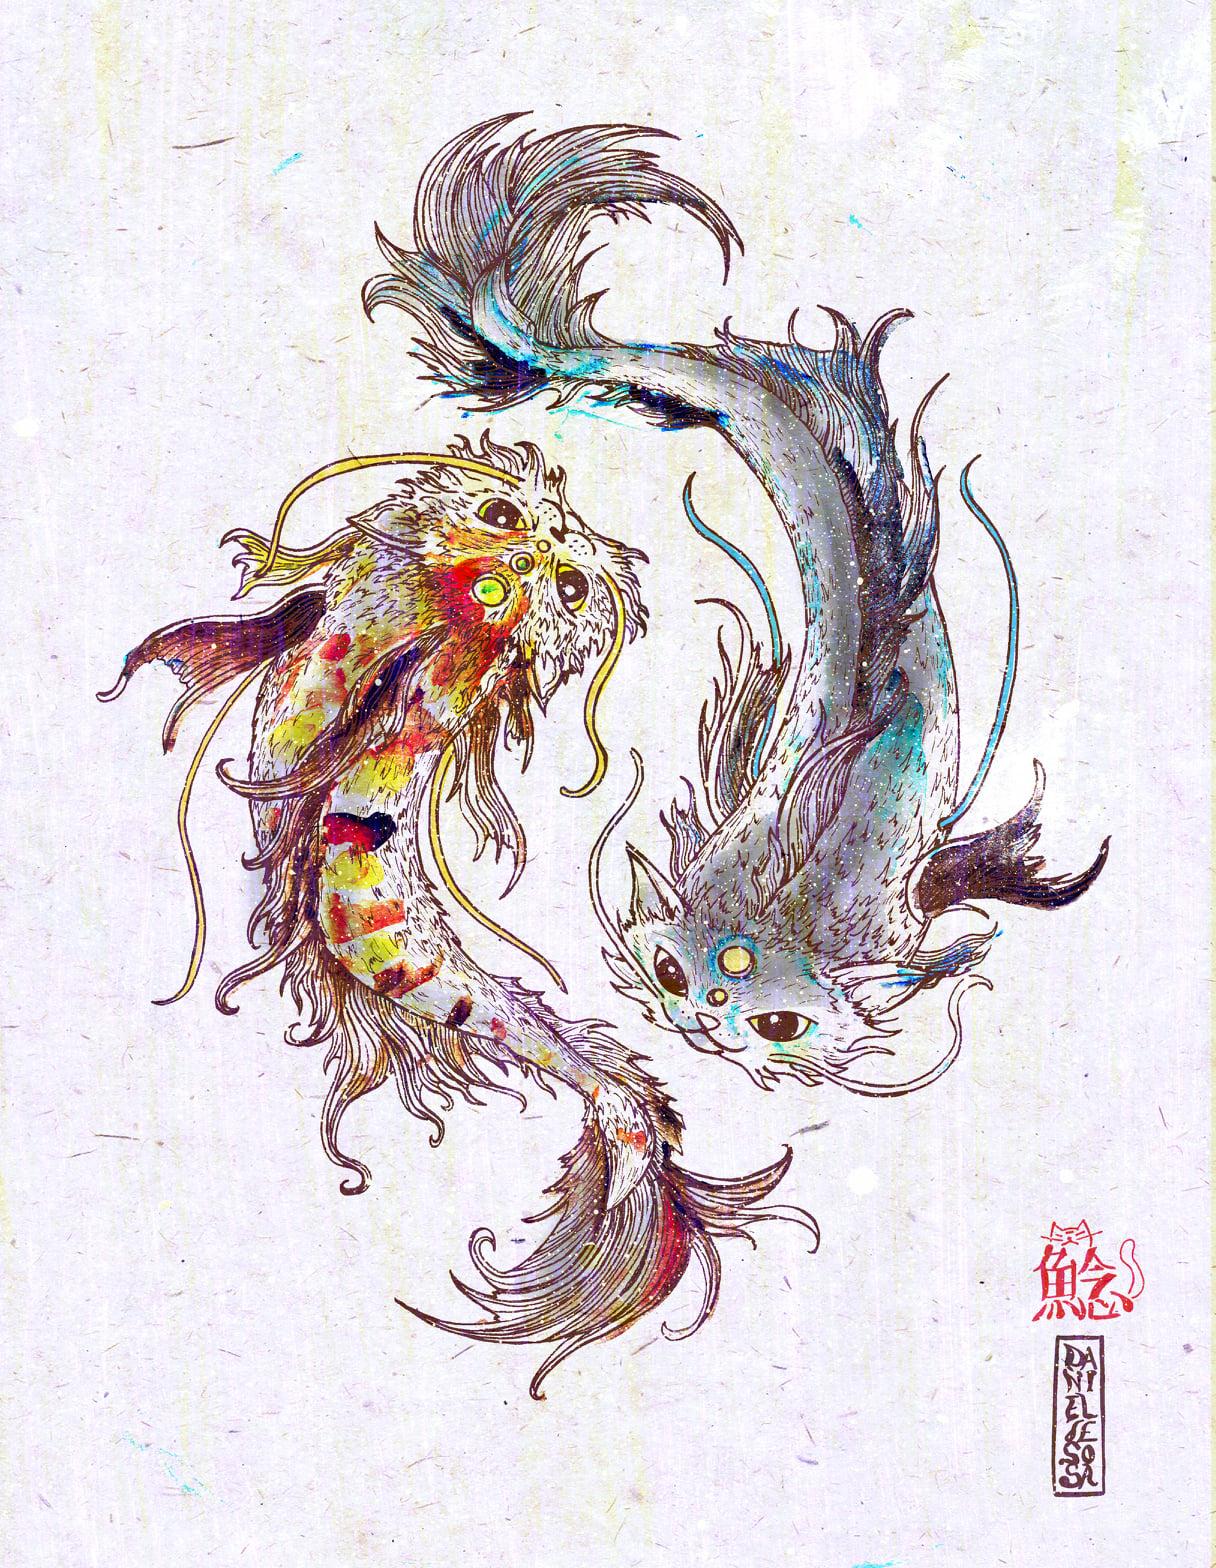 Catfish - Art by OmeowComics - BlogFanArt